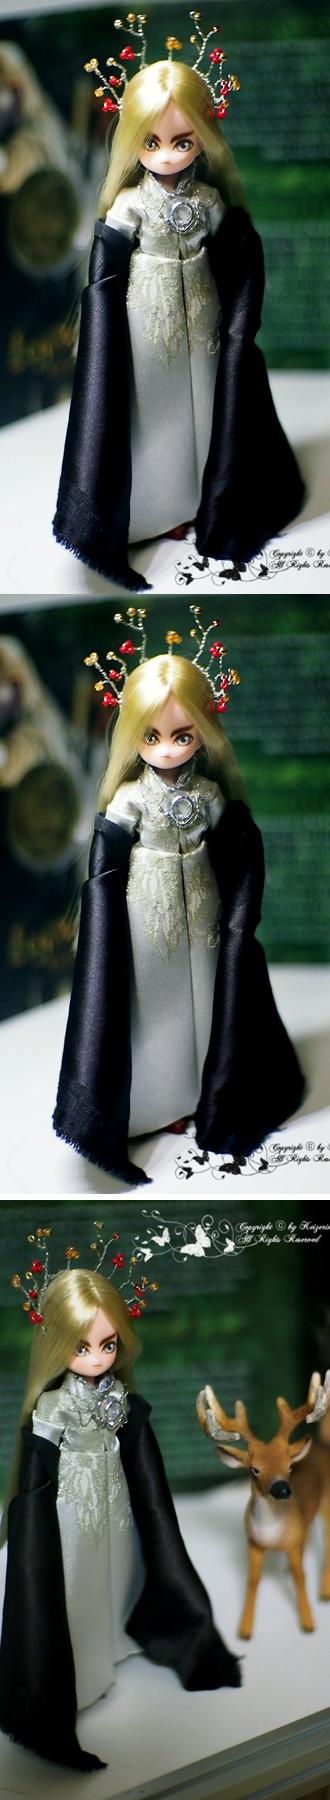 Mini Thranduil by Keizerin